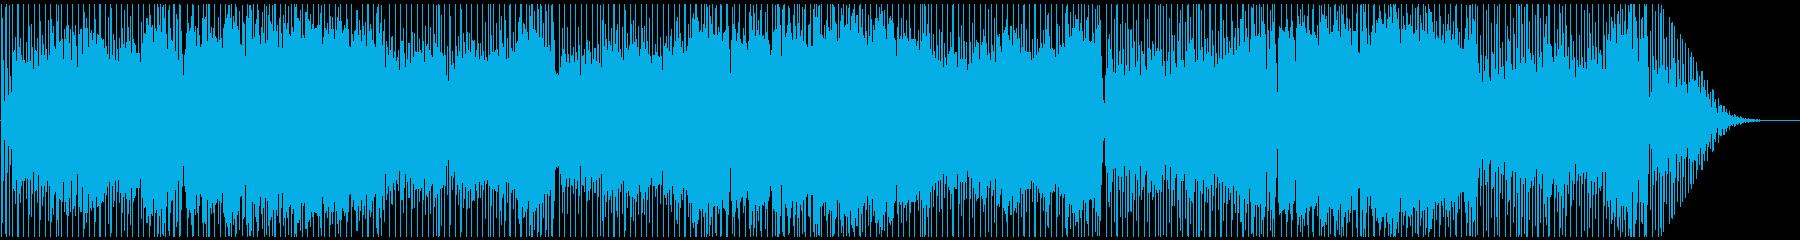 カンフー・中華風・アレンジバージョンの再生済みの波形